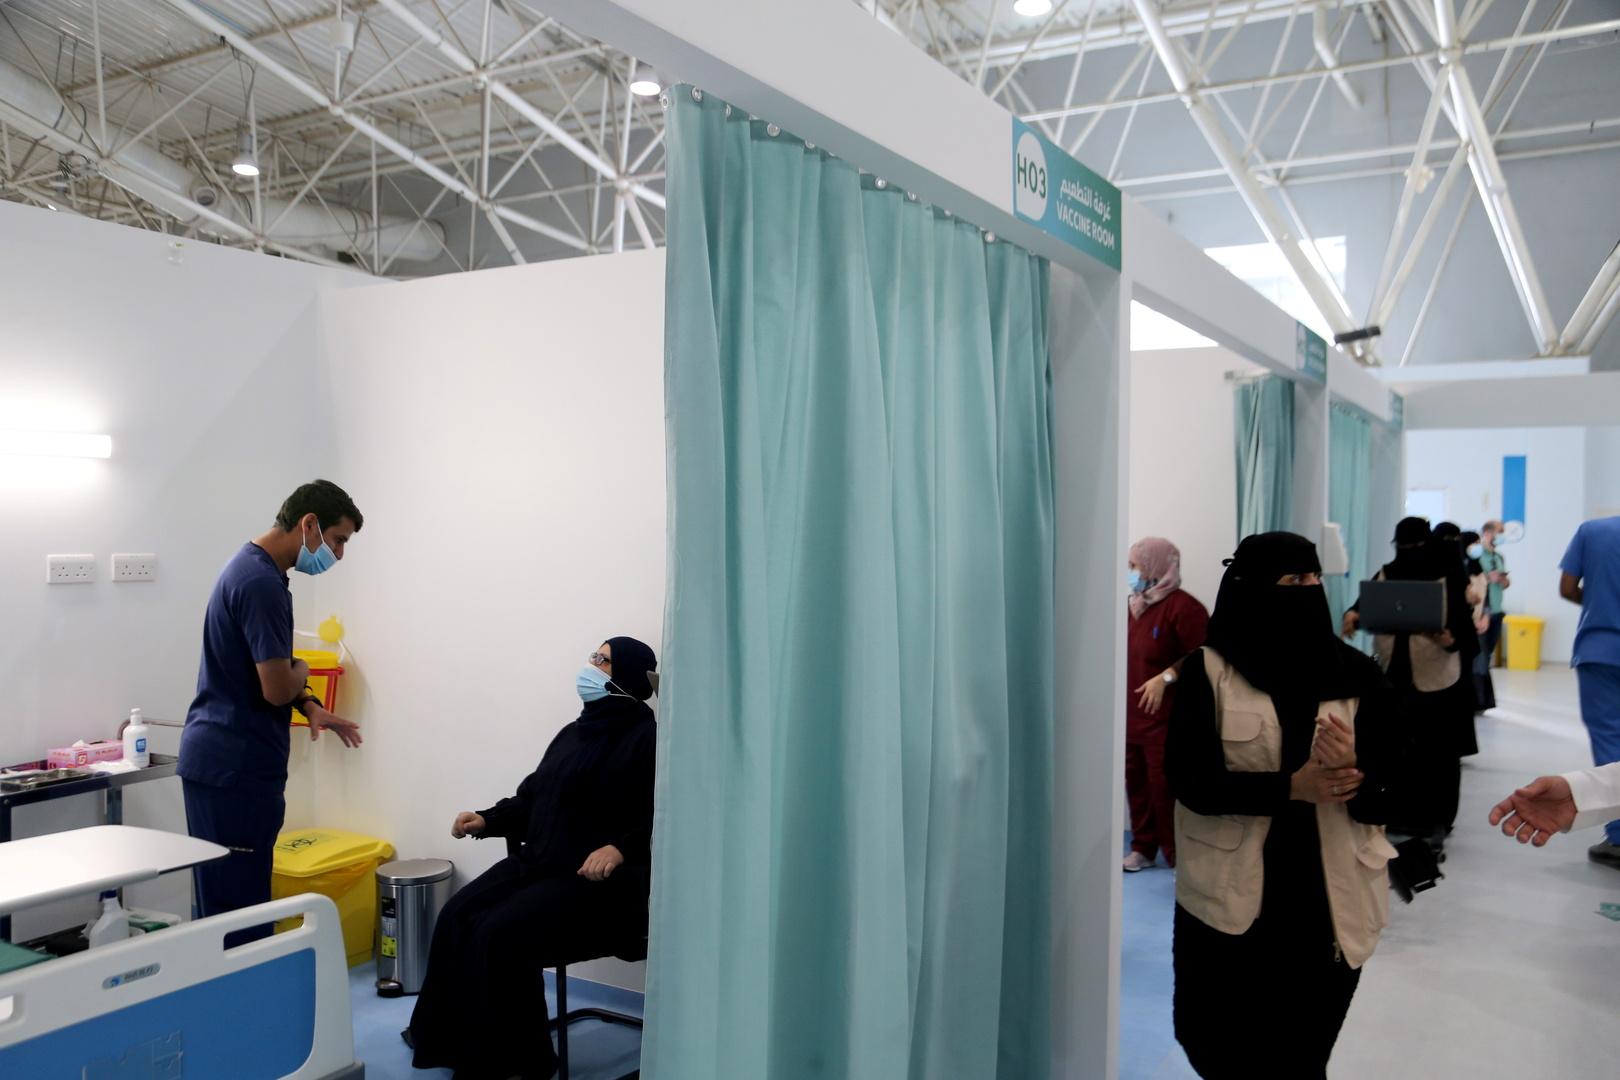 السعودية: أكثر من 10 آلاف شخص تلقوا لقاح ضد كورونا.. ونصف مليون بالانتظار